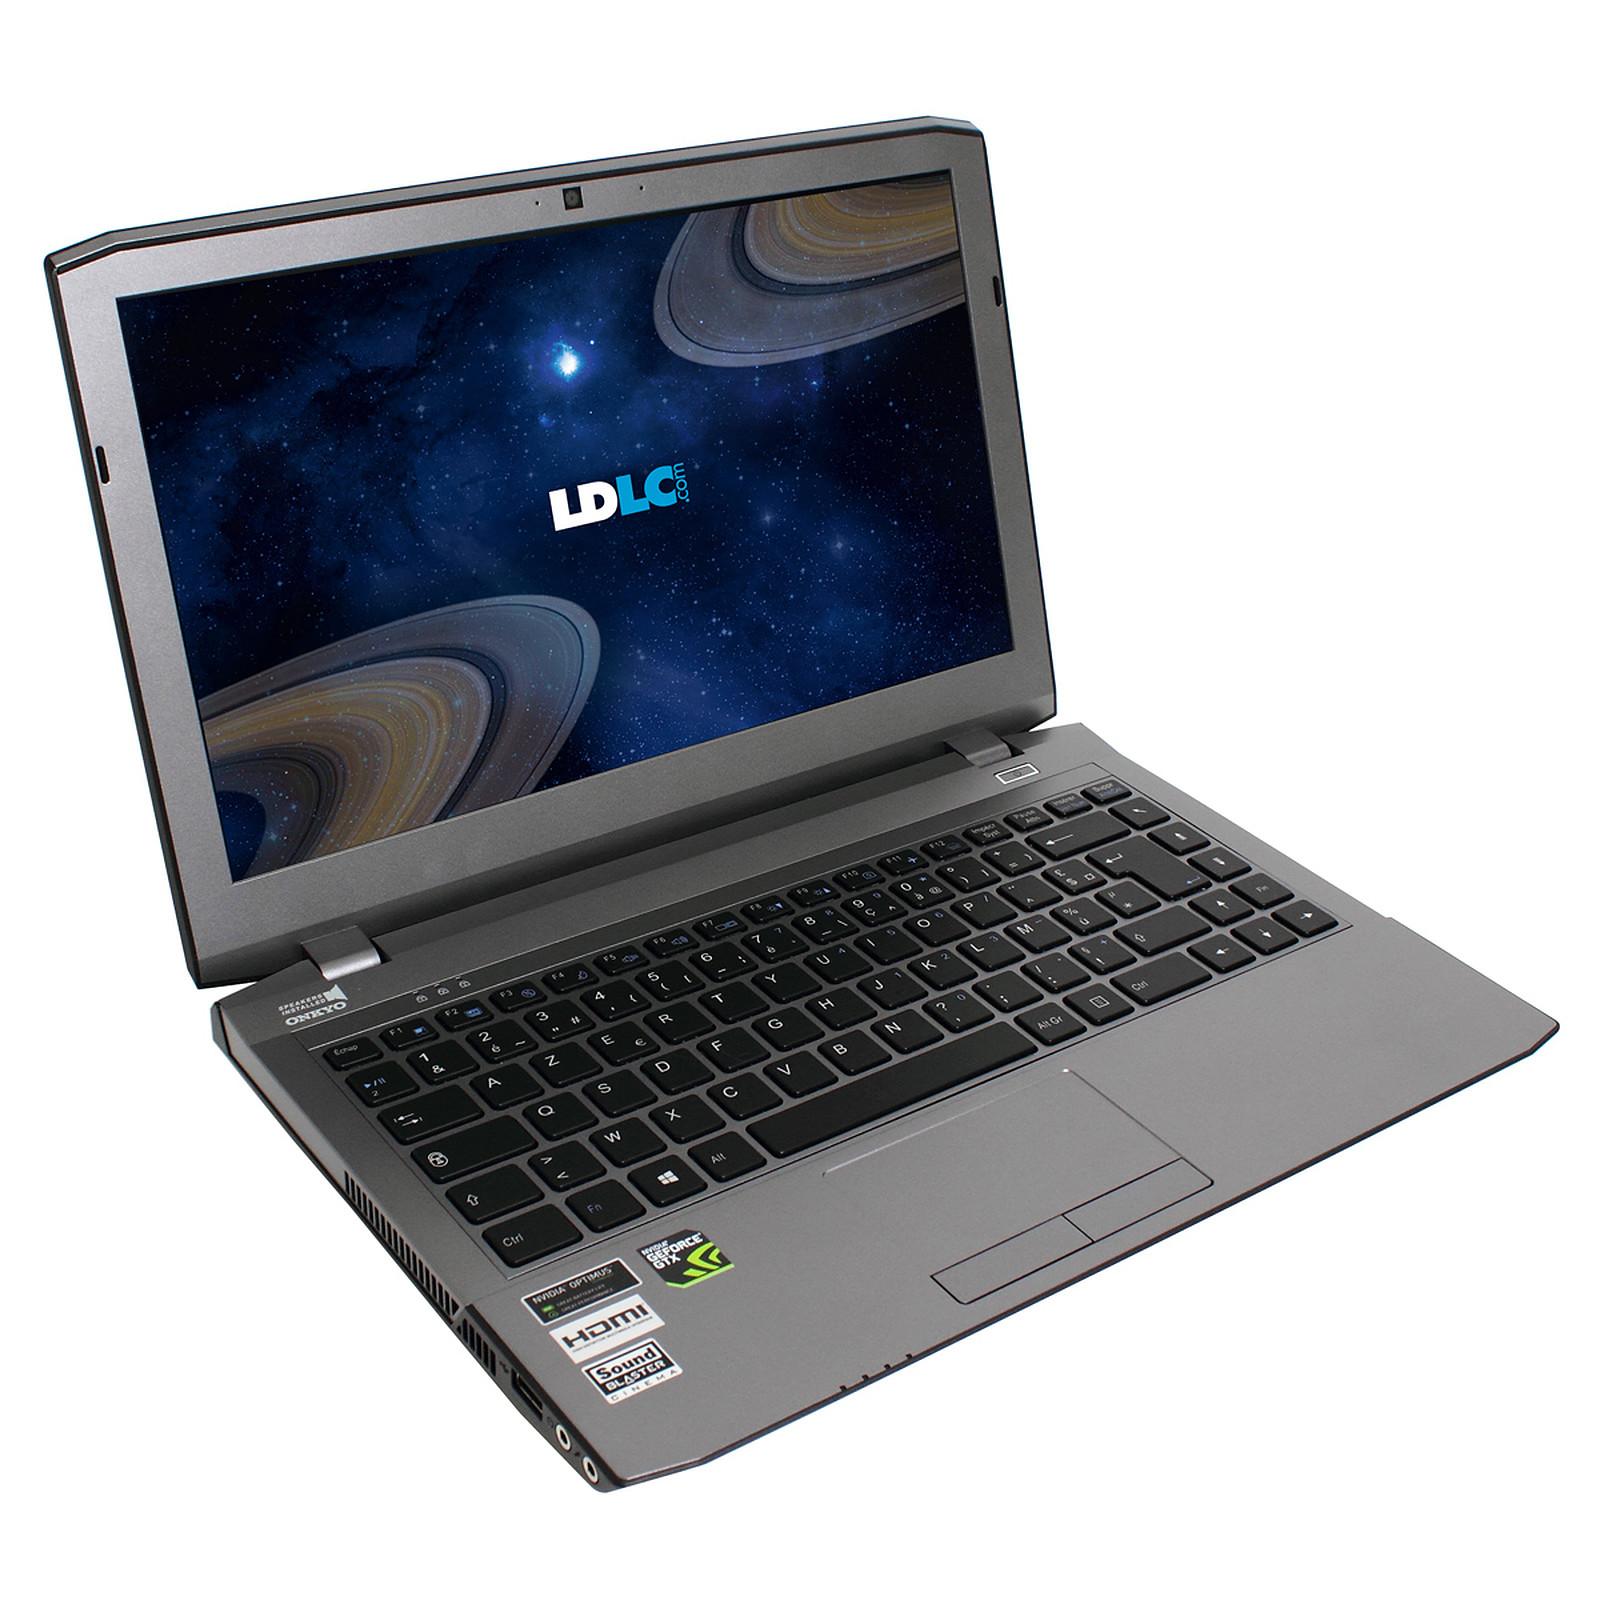 LDLC Saturne MB2-I5-8-H10S1